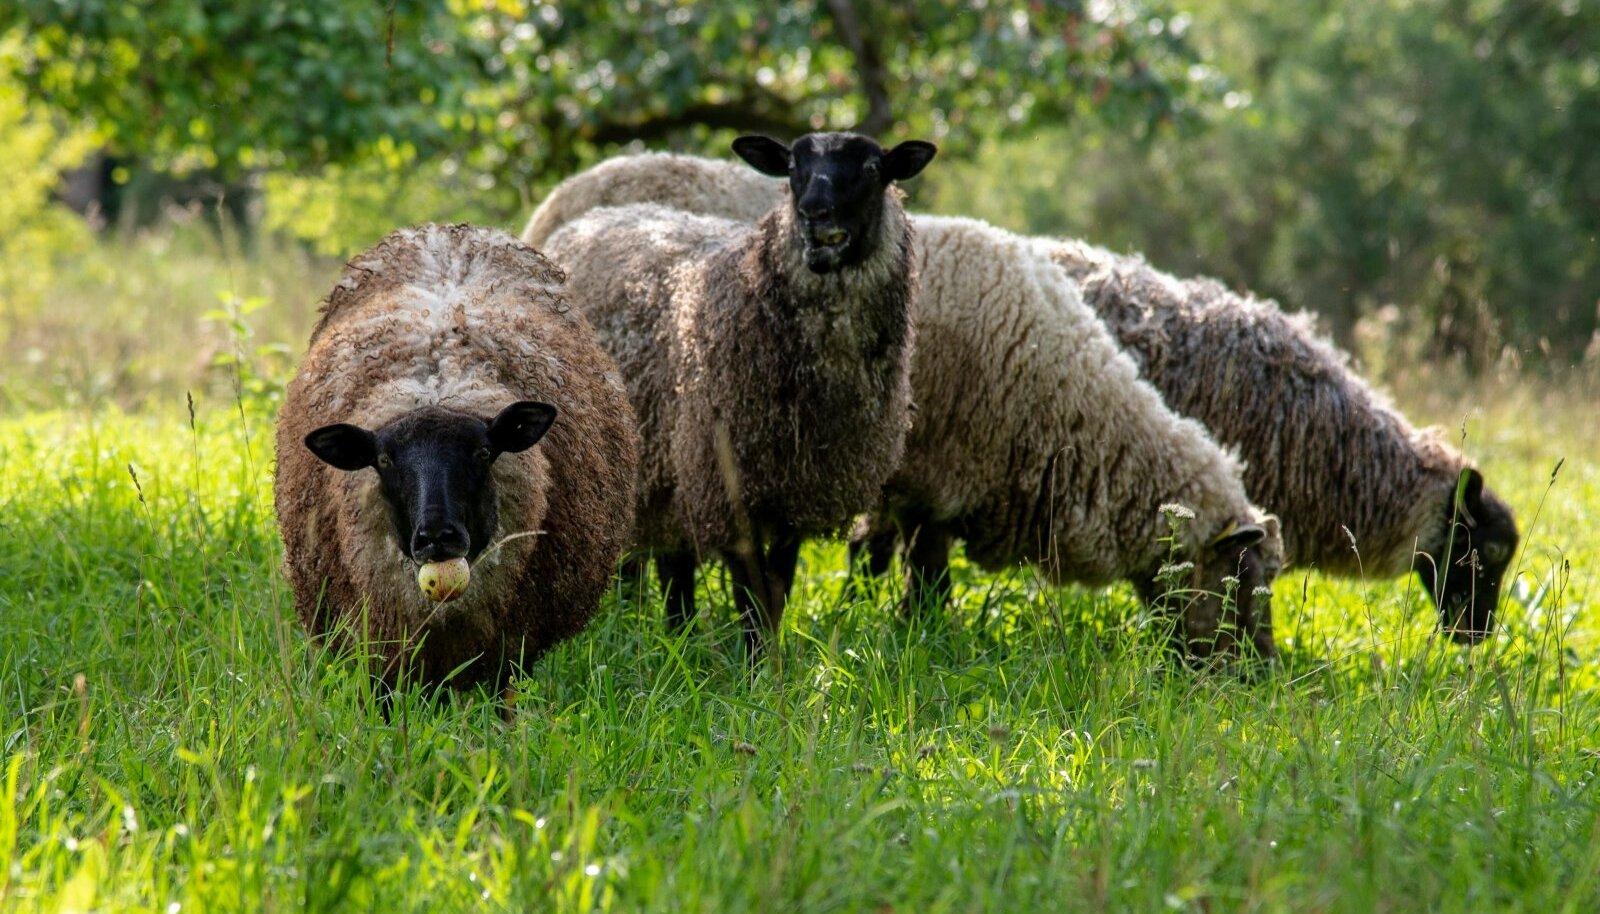 Ristipäeval olid keelatud villasetööd, küll aga käidi võõraste loomade seljast karvu lõikamas. Vaata järele, miks!